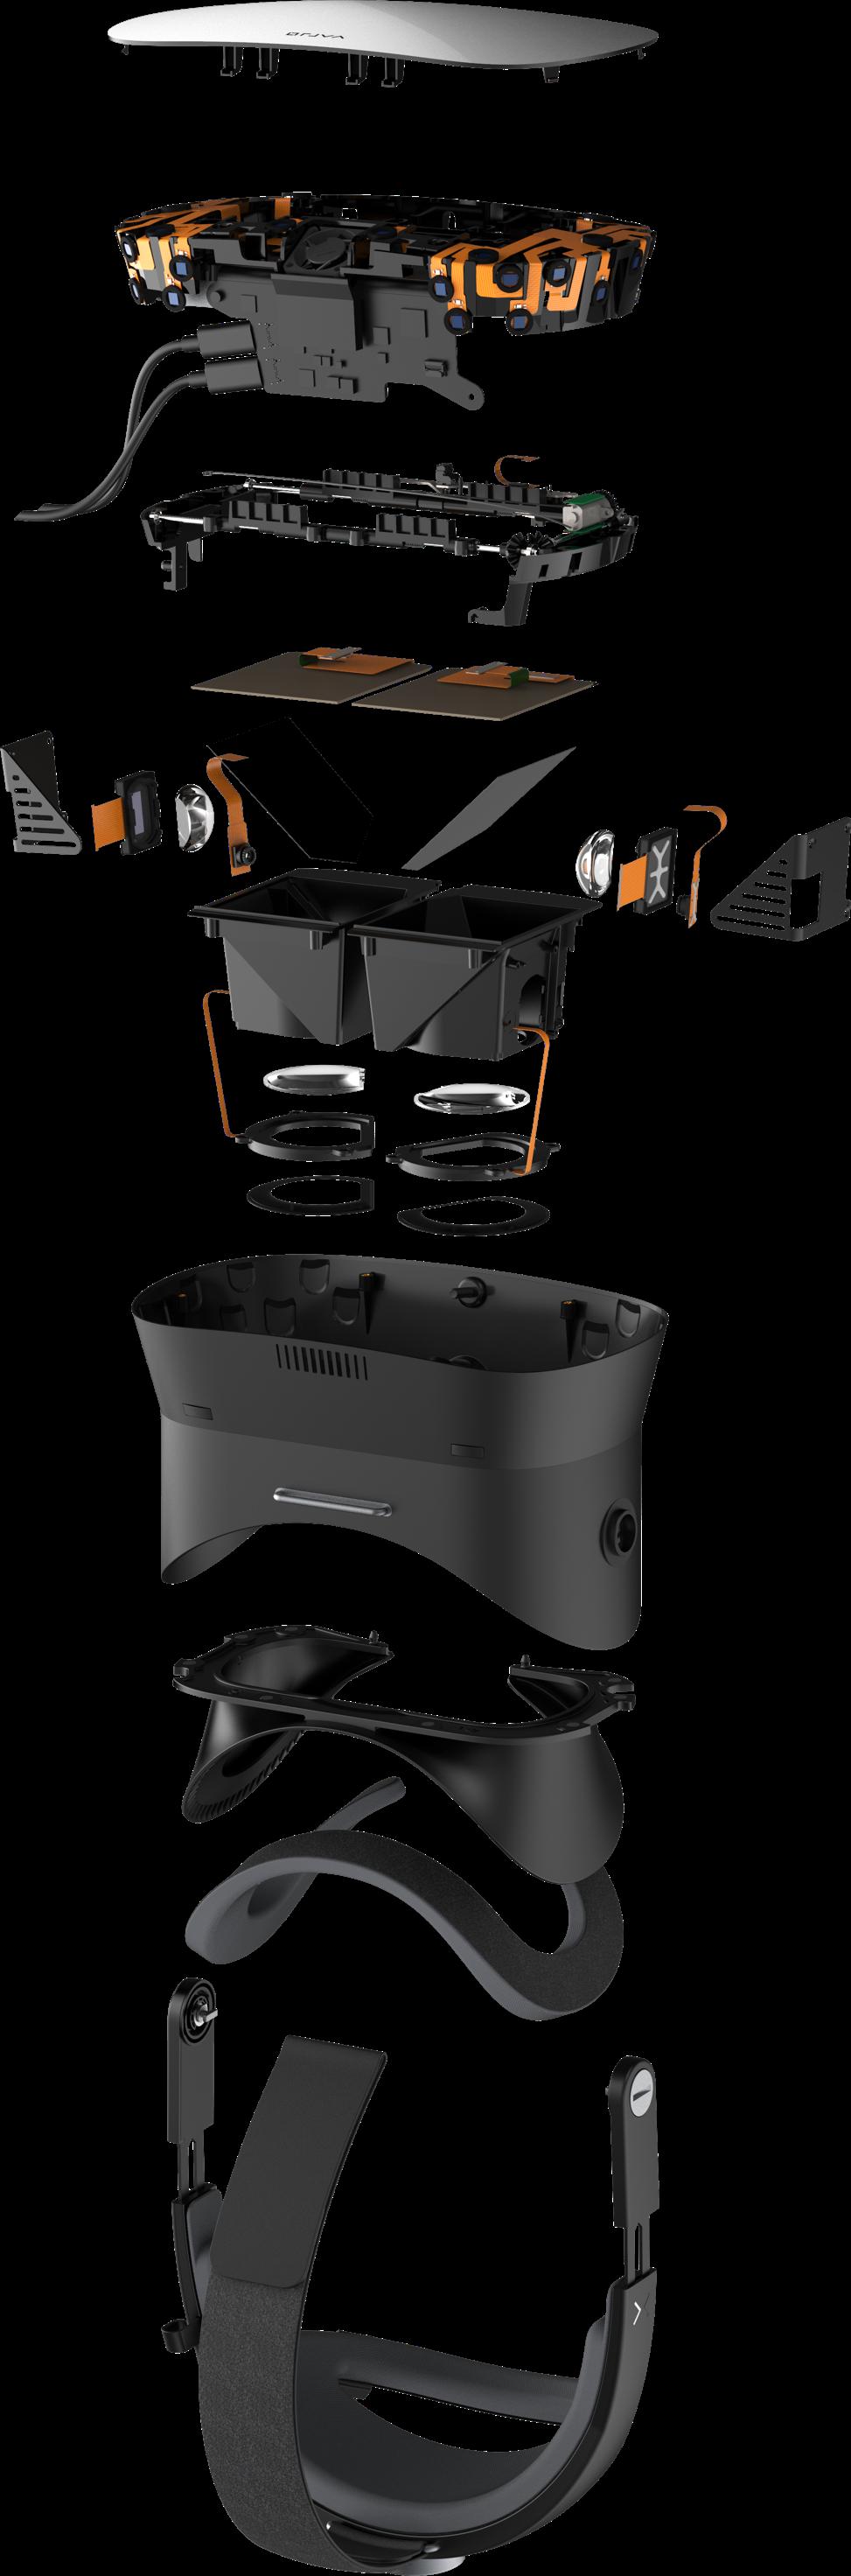 VR 1 Explosion 9e359d9d - 【画像】65万円するVRヘッドセットの画質が凄すぎる